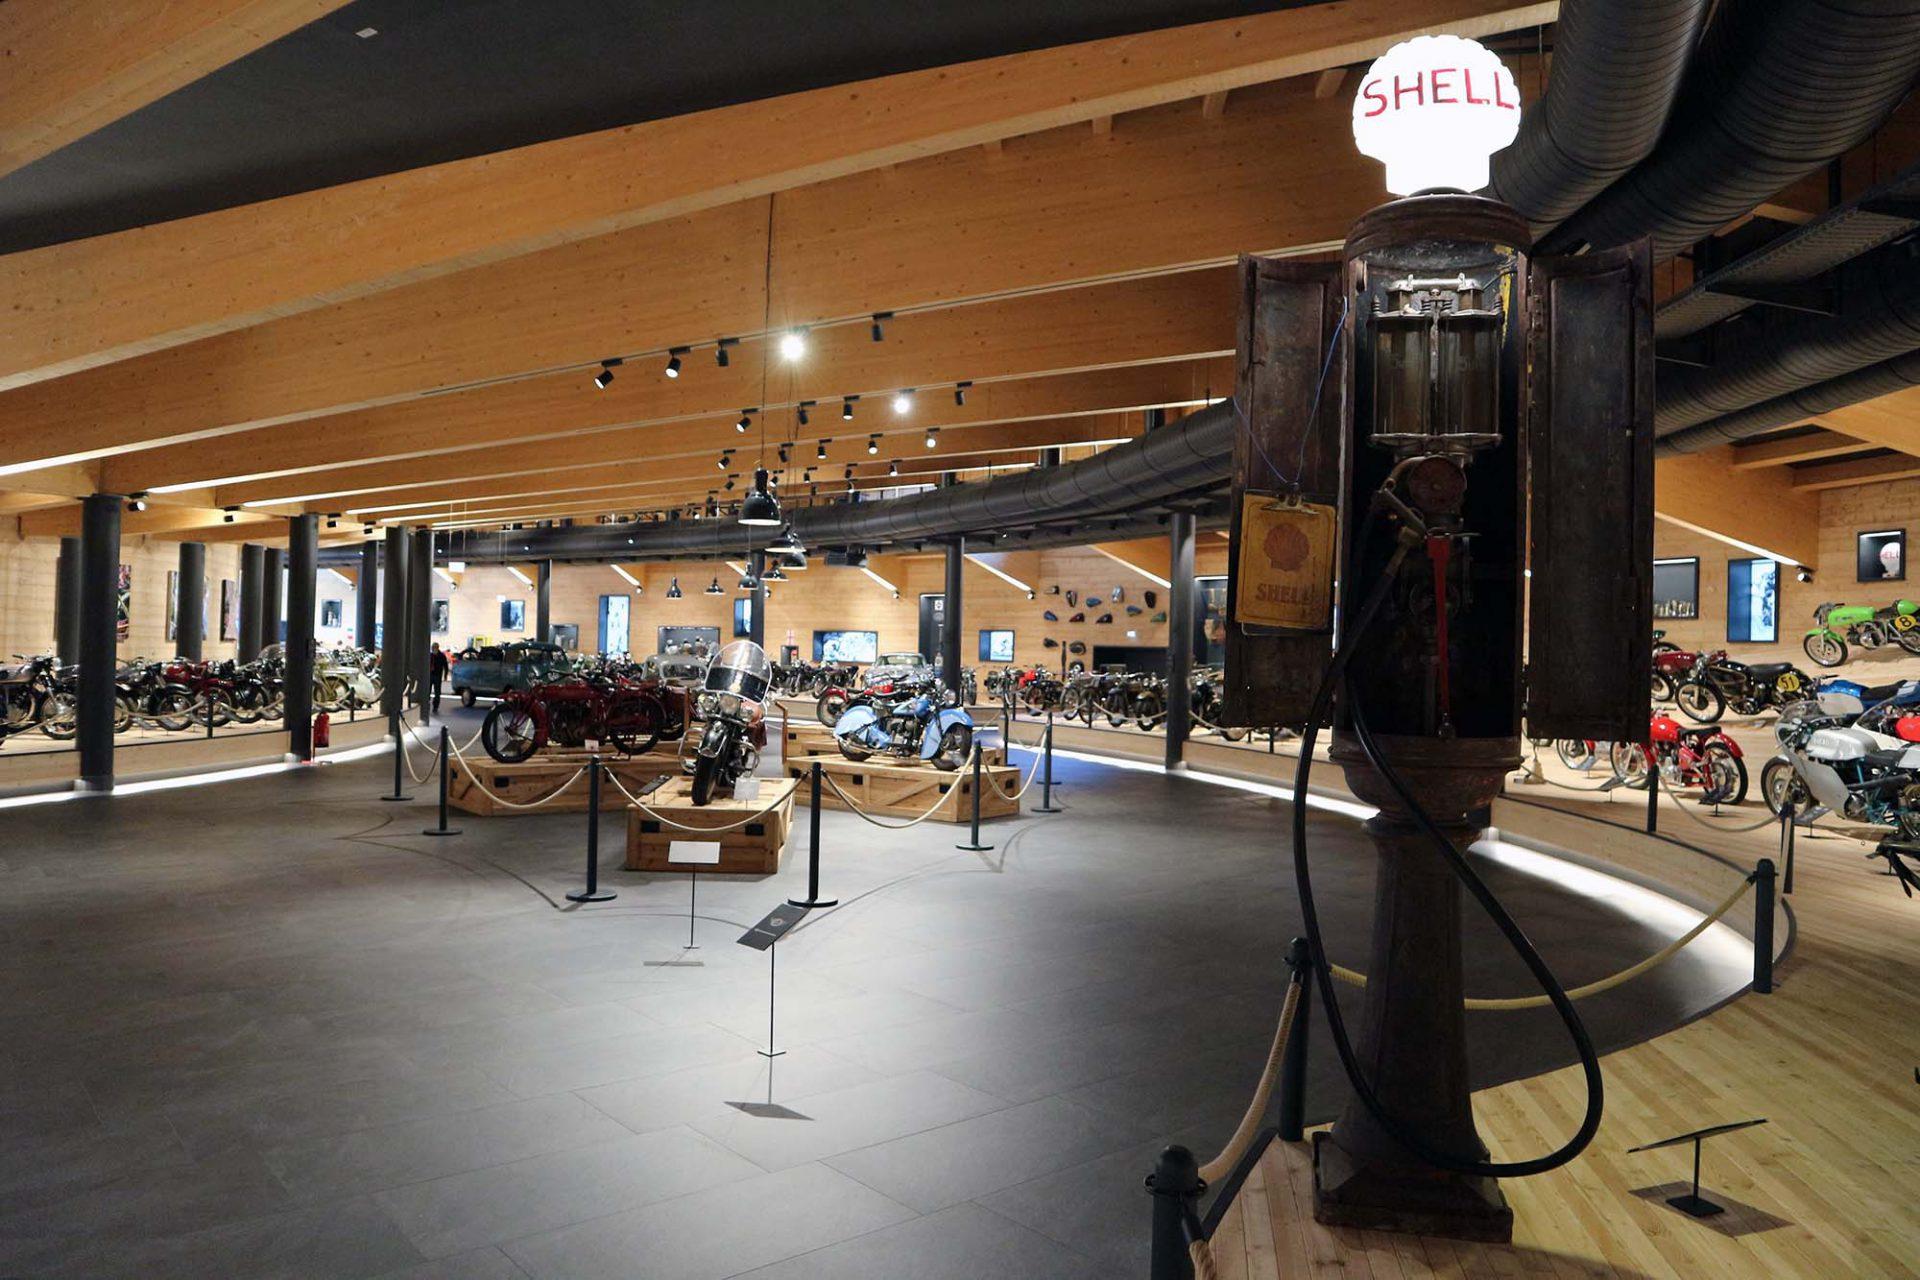 Top Mountain Motorcycle Museum.  Zu den Exponaten zählen 200 Motorräder verschiedenster Fabrikate der vergangenen 100 Jahre.